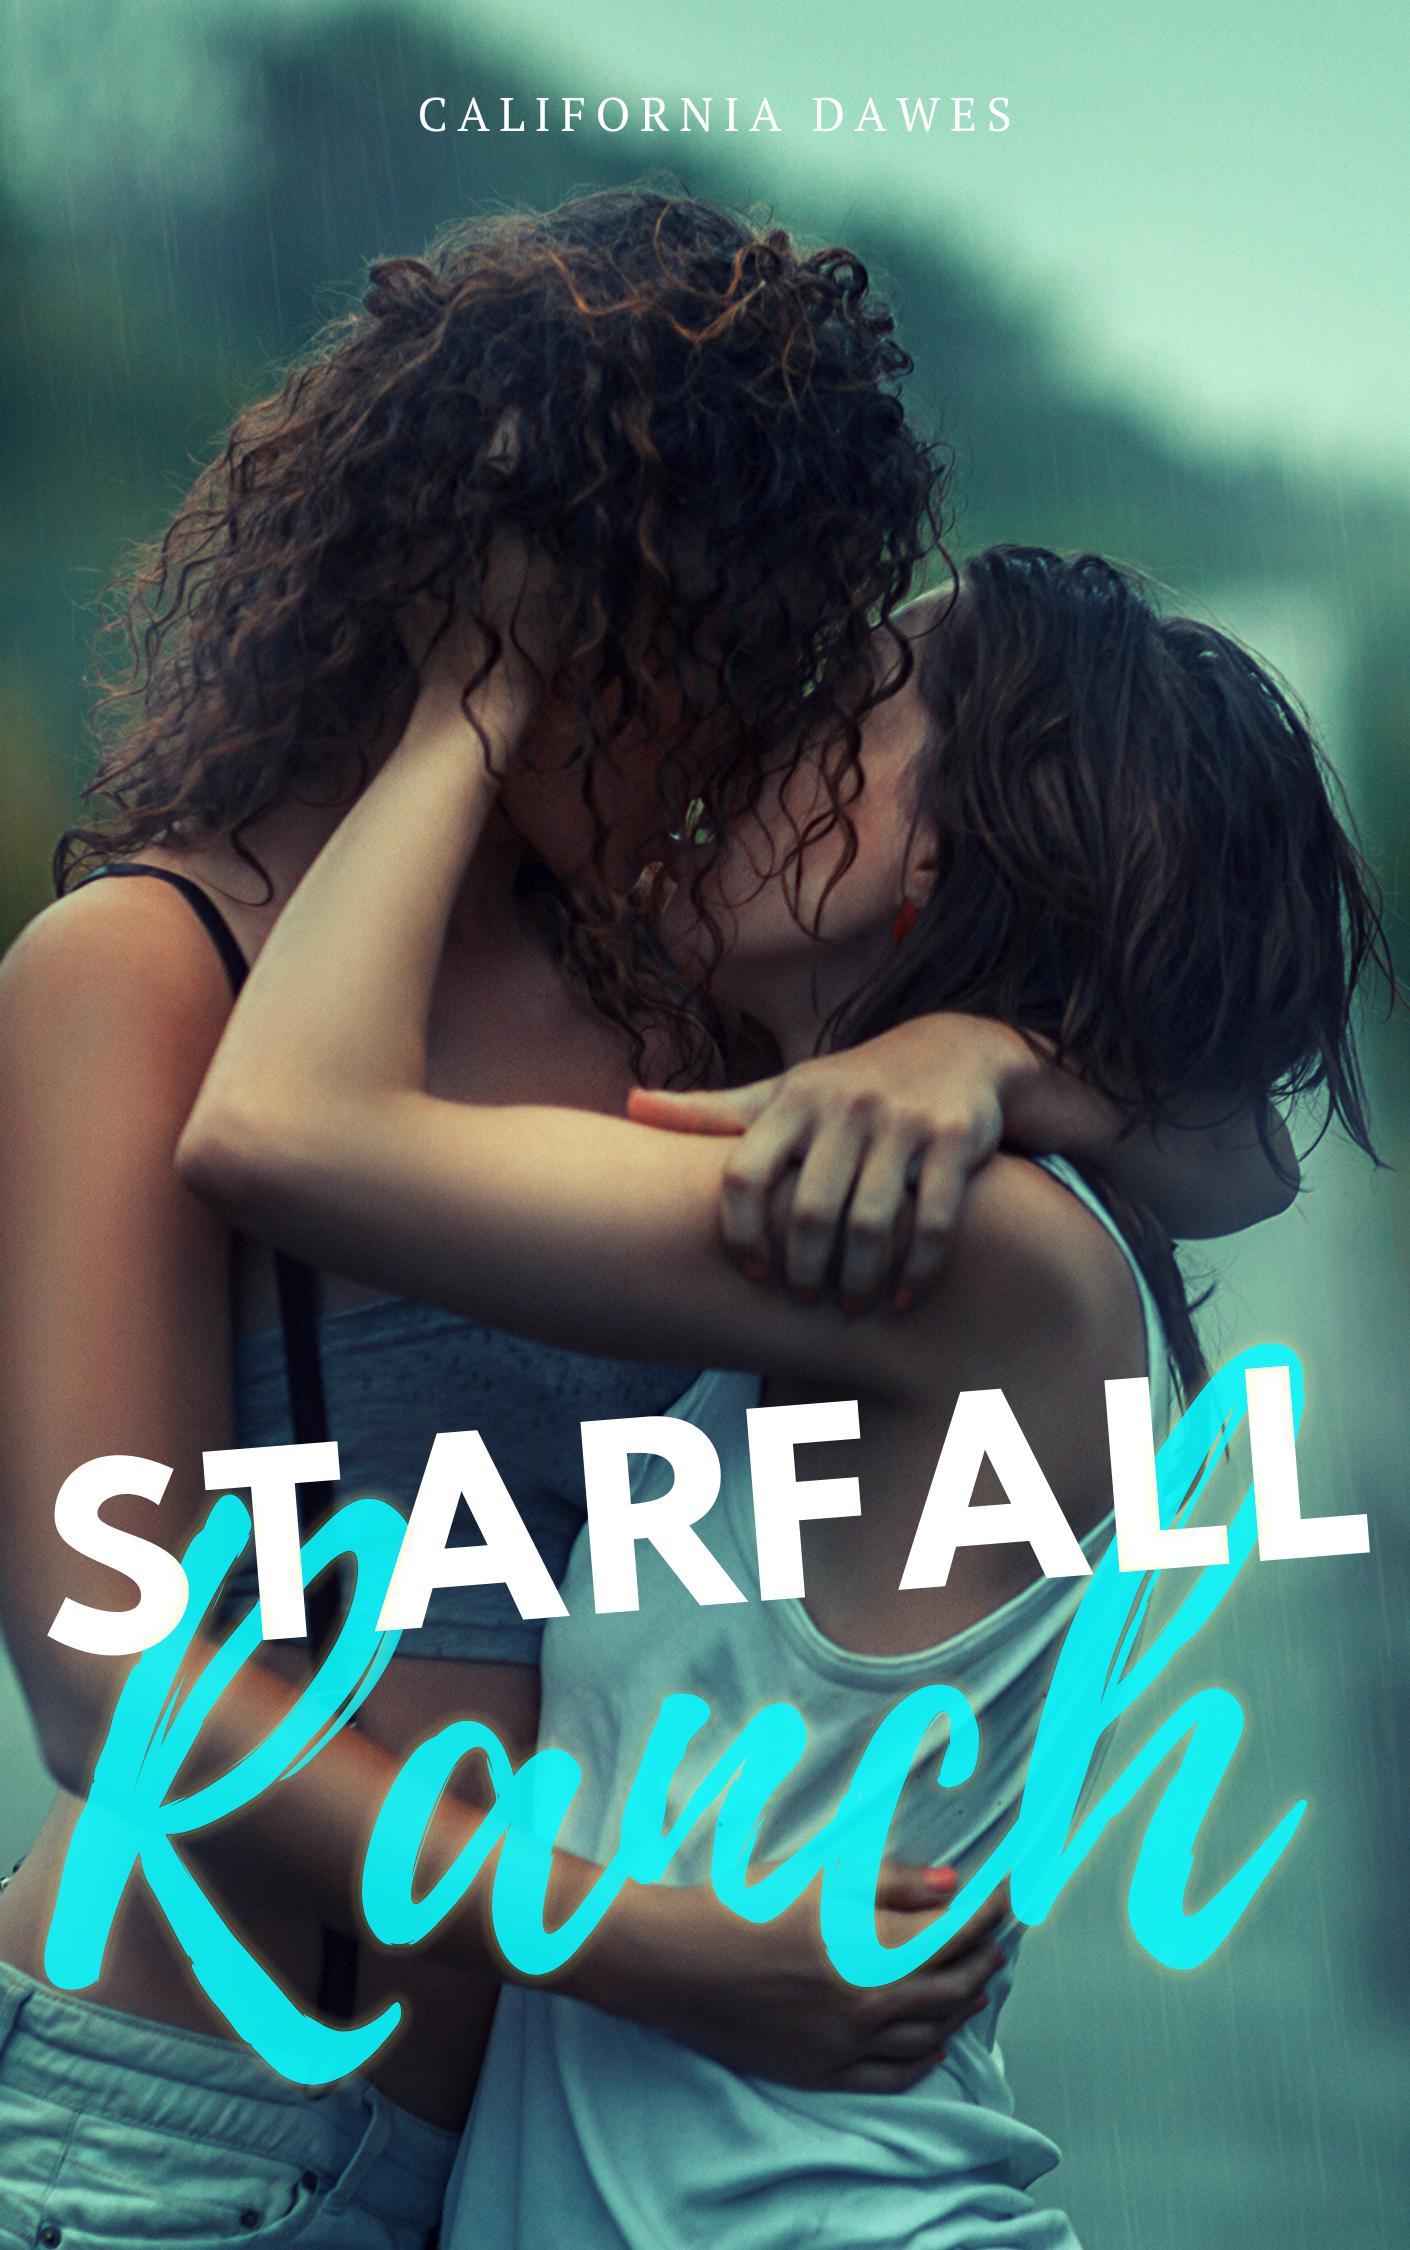 STARFALL RANCH PR TEMPLATE